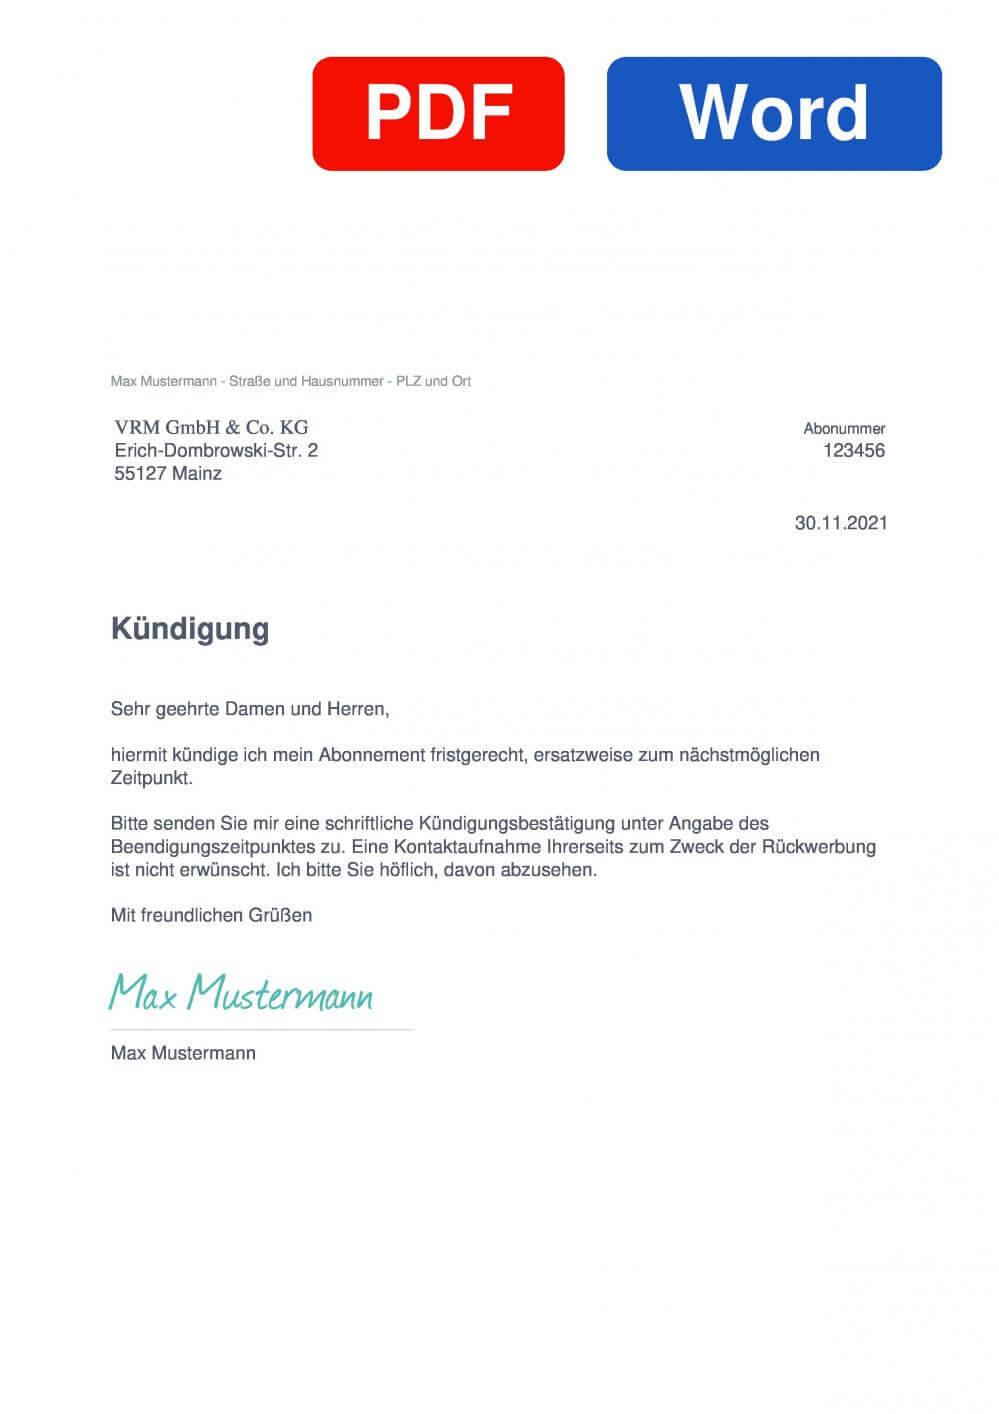 Allgemeine Zeitung Muster Vorlage für Kündigungsschreiben